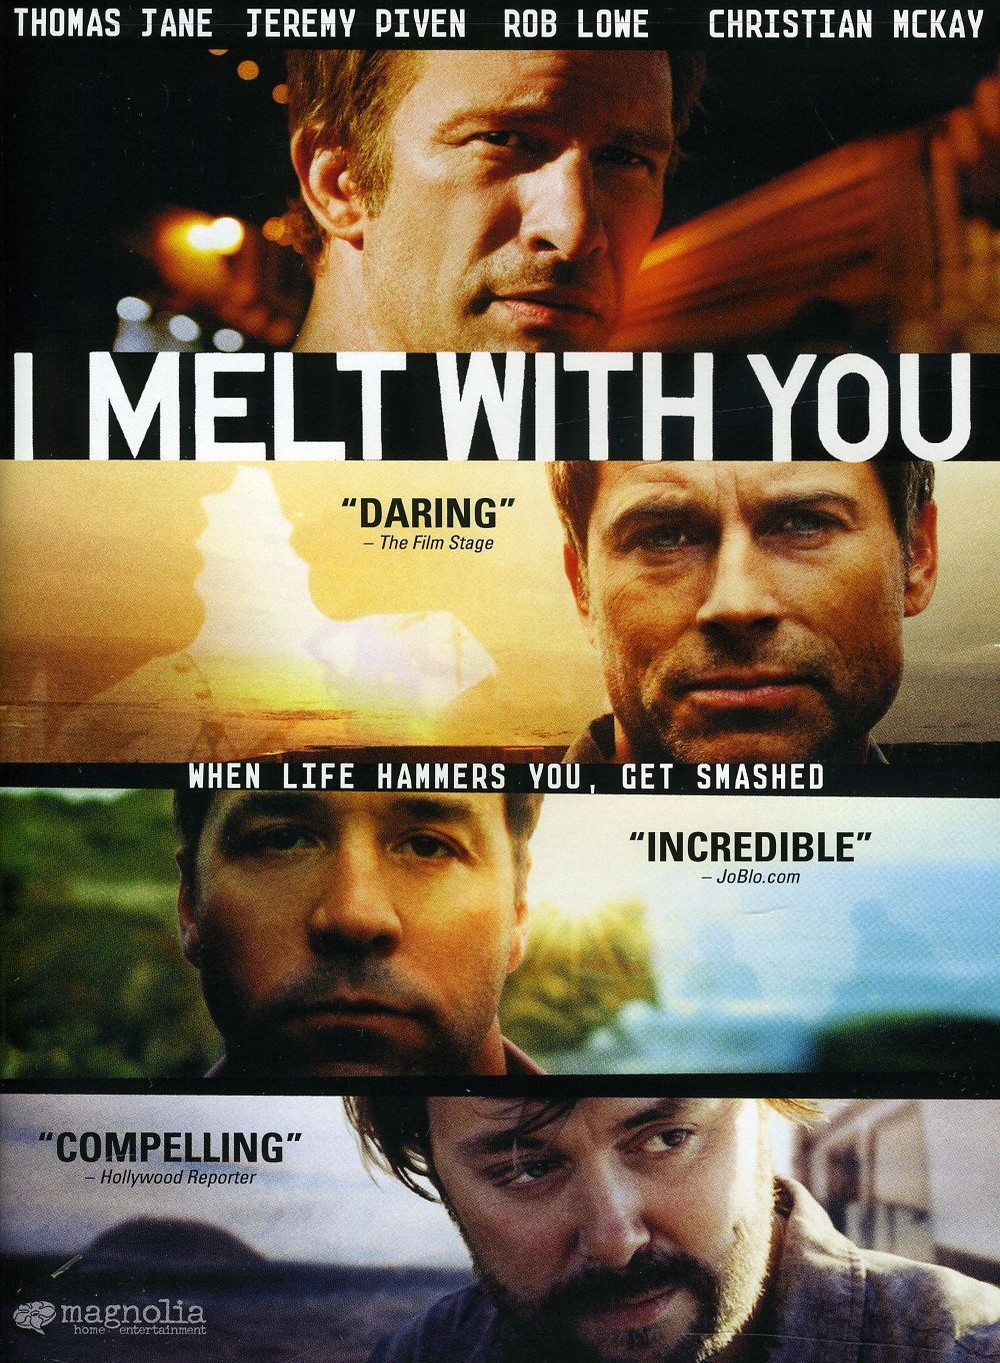 affiche du film I Melt with you